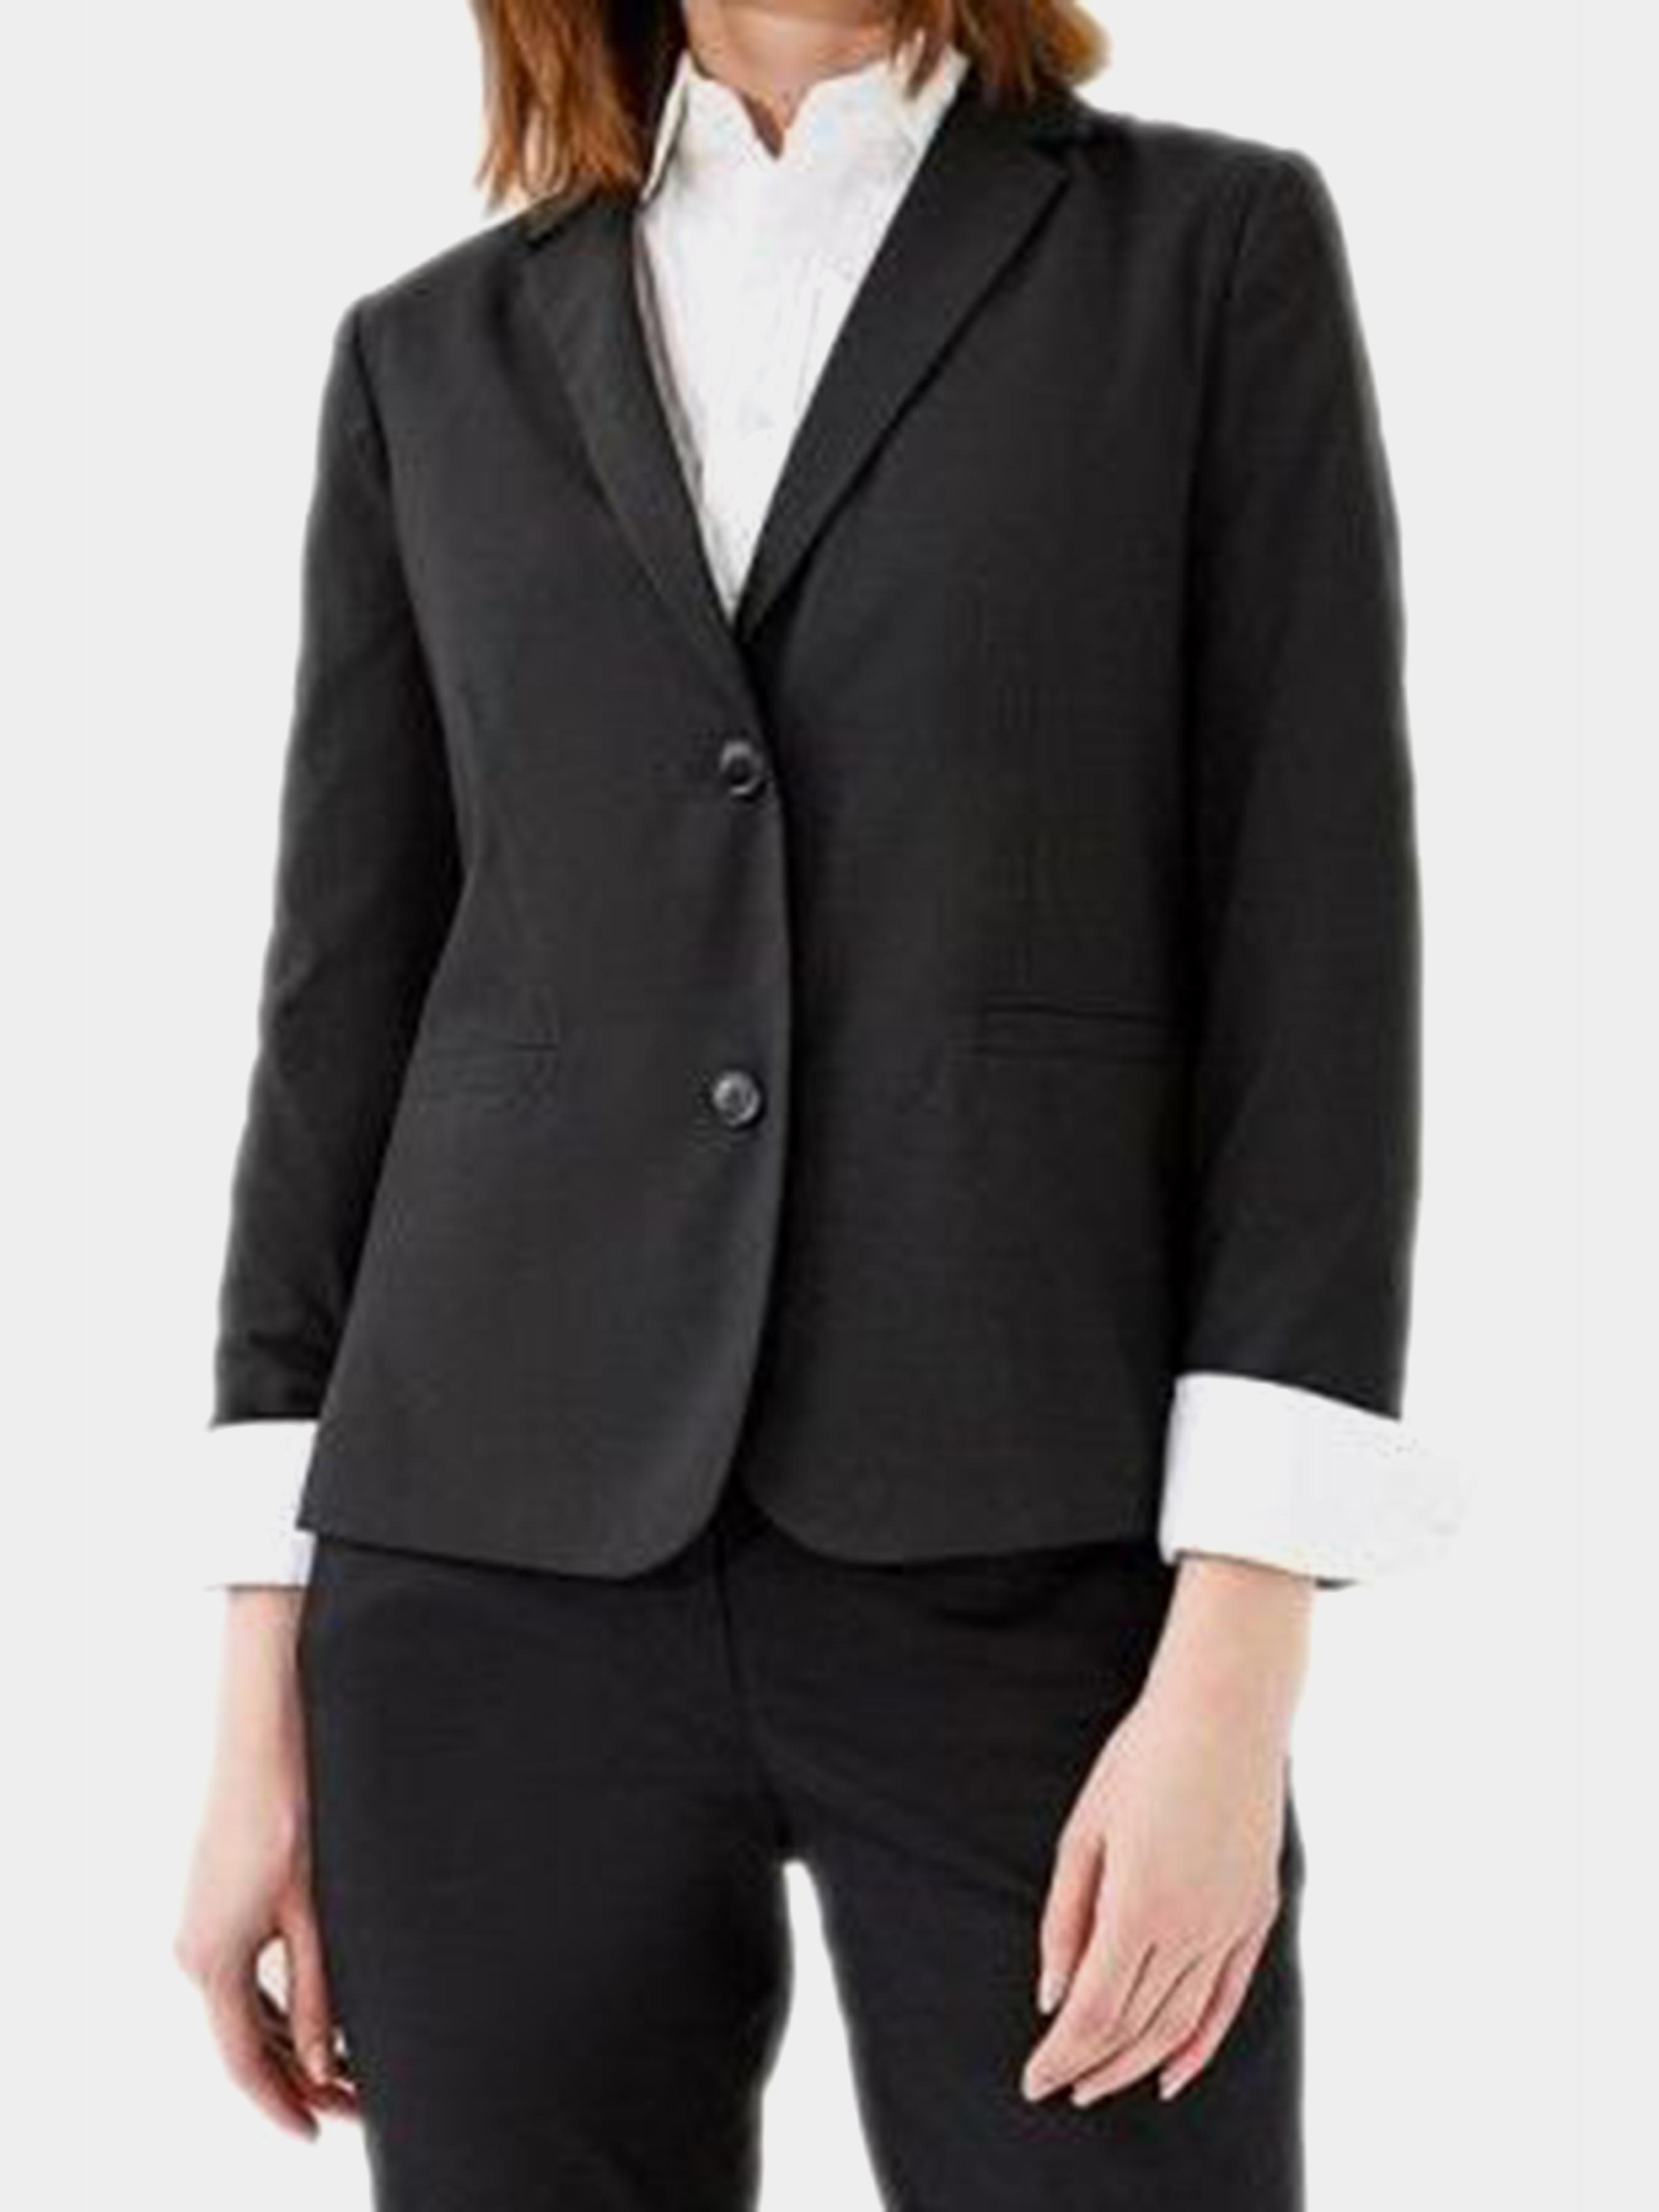 Пиджак для женщин Emporio Armani WOMAN BLAZER 5P71 модная одежда, 2017